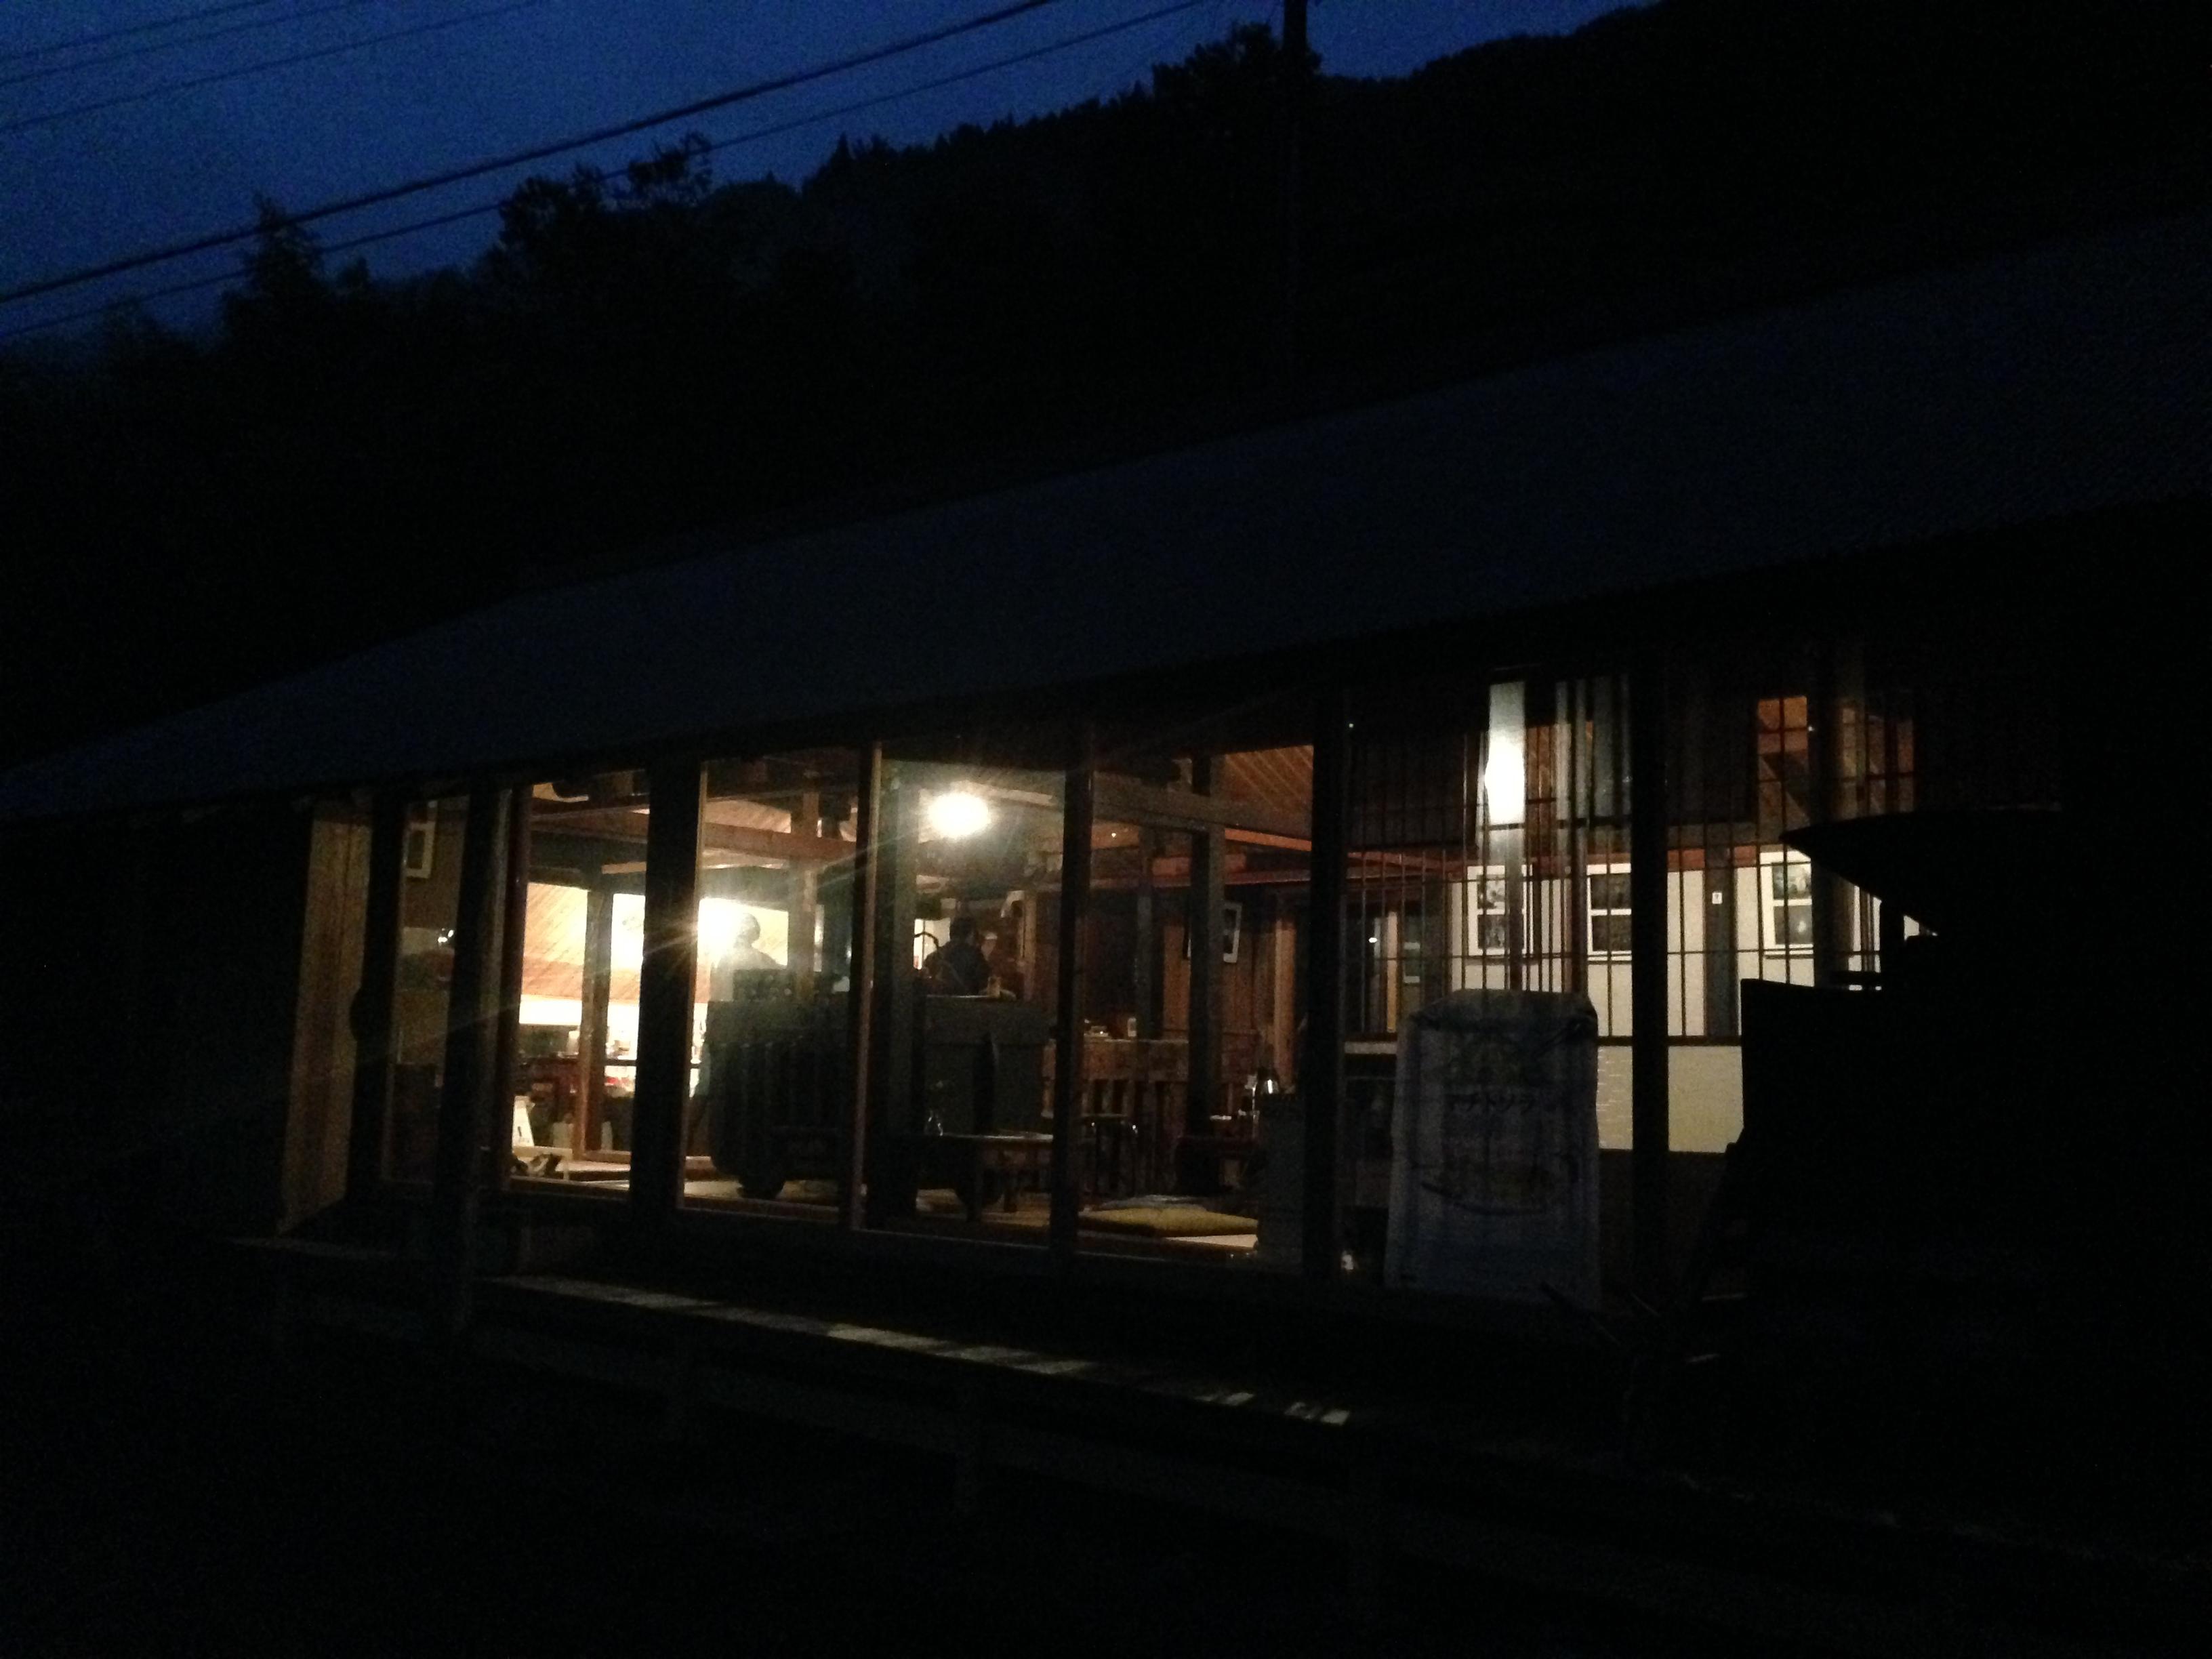 祖谷の山道を登ったら竹田城なんか目じゃない絶景があった、そして運転怖かった